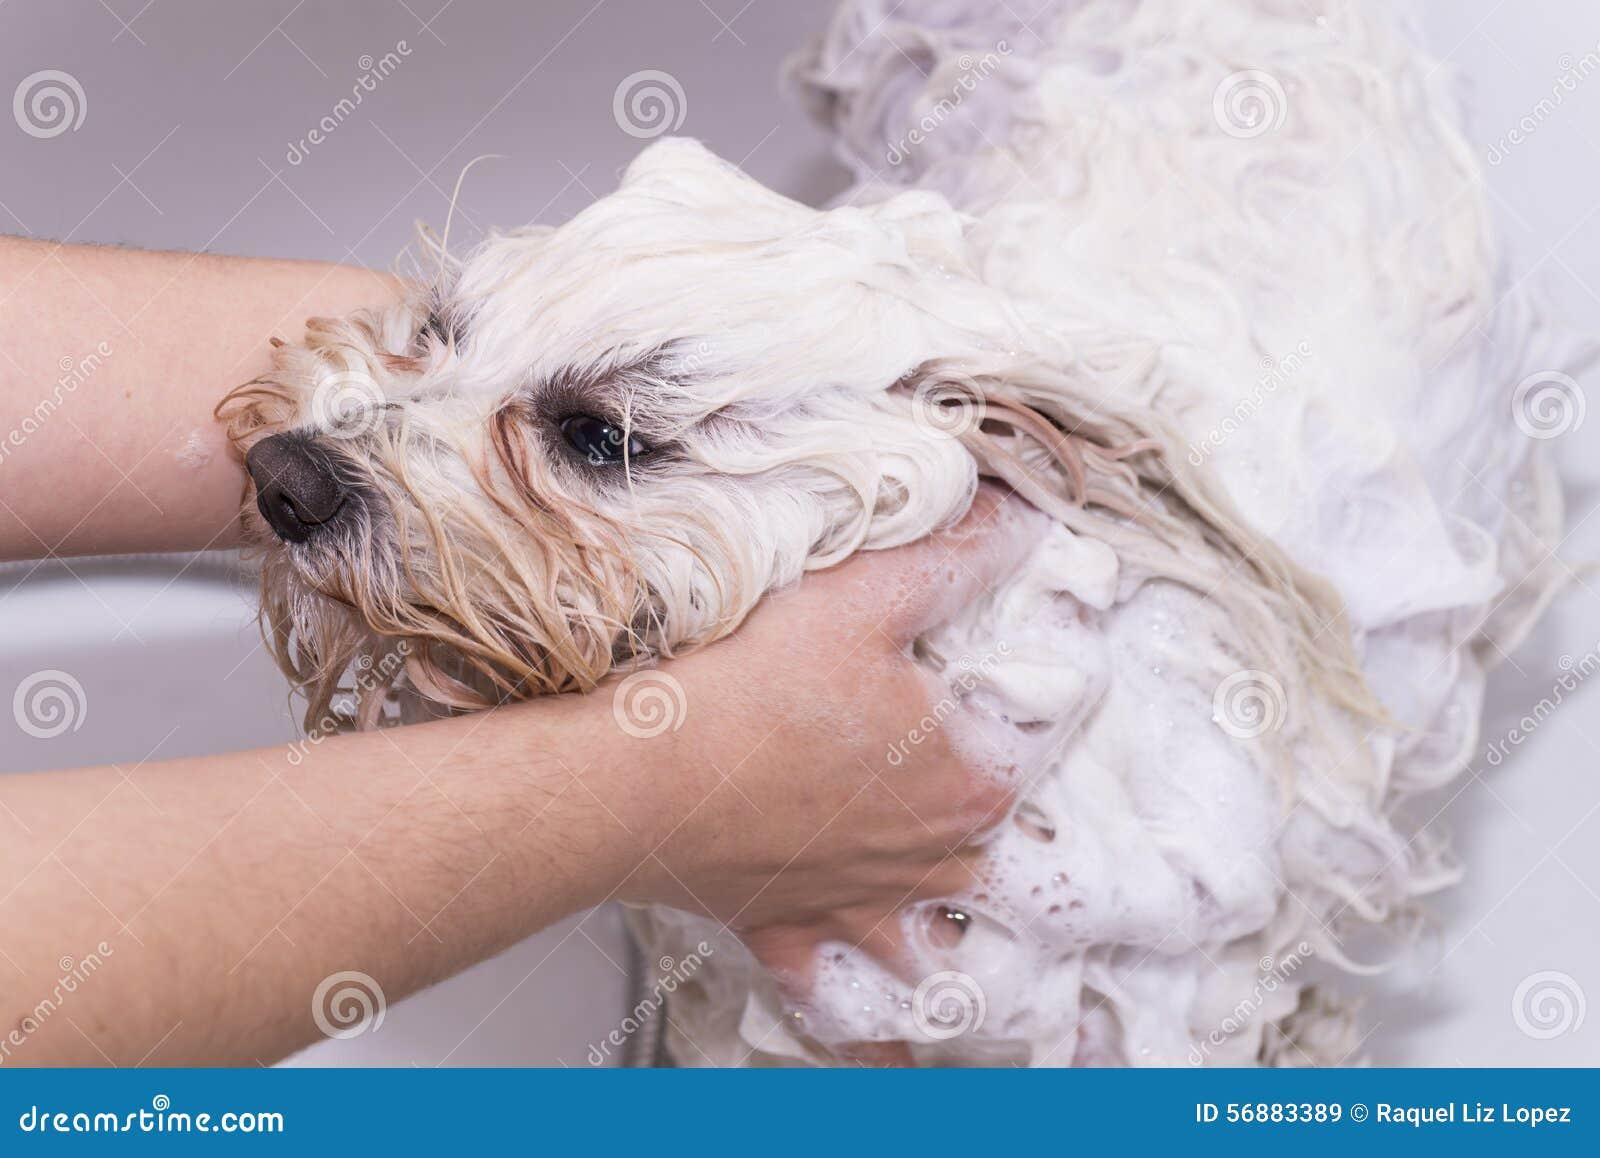 Cane nella doccia